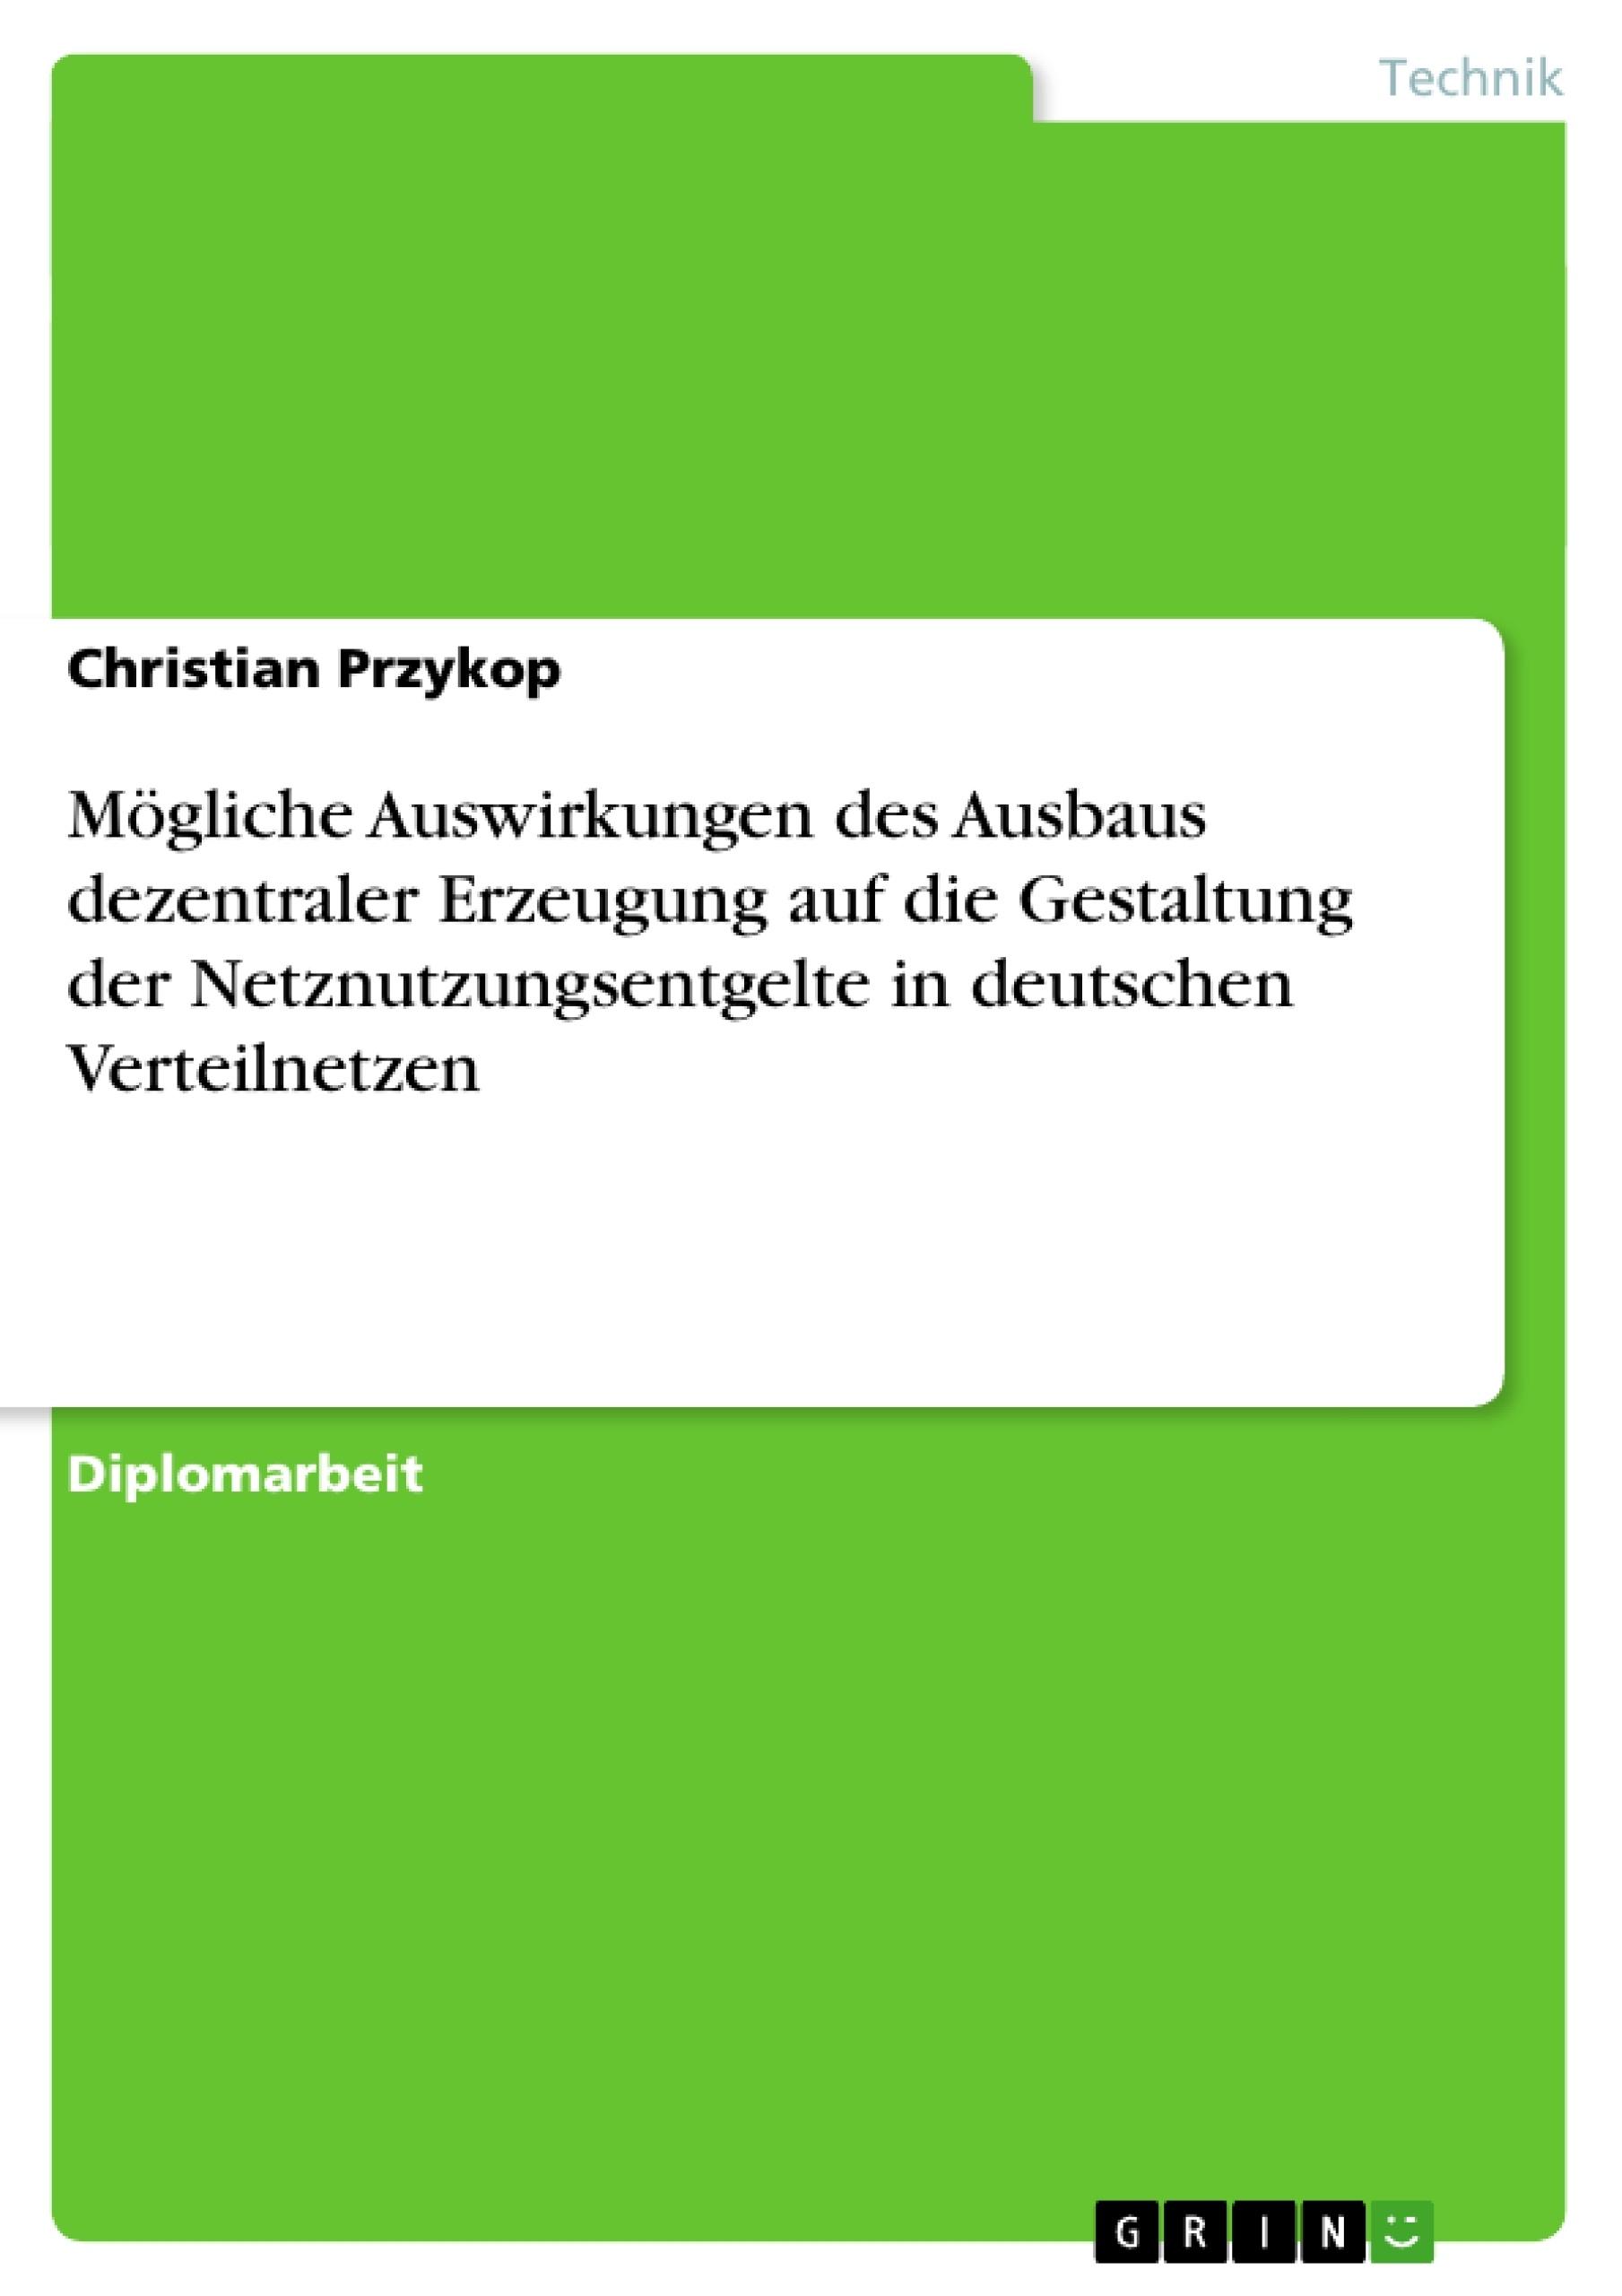 Titel: Mögliche Auswirkungen des Ausbaus dezentraler Erzeugung auf die Gestaltung der Netznutzungsentgelte in deutschen Verteilnetzen